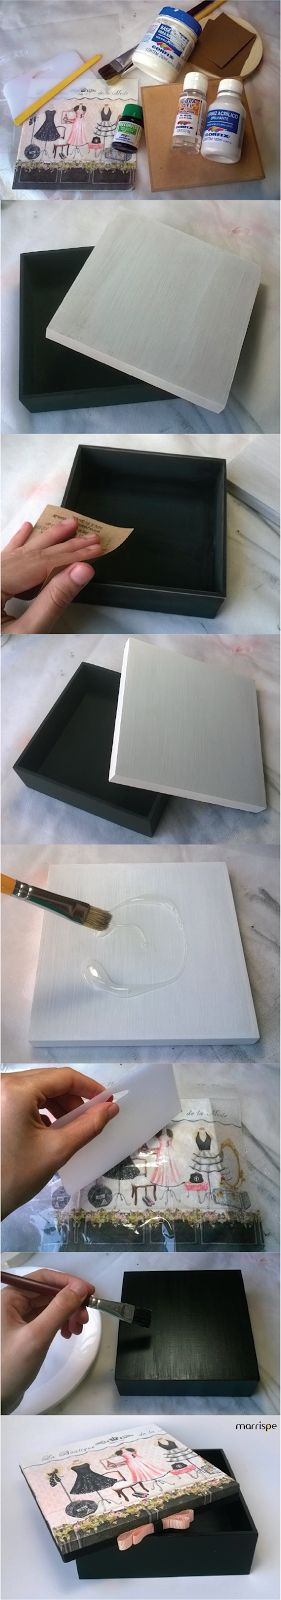 Tutorial de caixa em mdf com guardanapo #tutorial #artesanato #decor #pap #diy #passoapasso #decoração #organização #façavocemesmo #mdf #madeira #caixa #artesanal #presente #marrispe